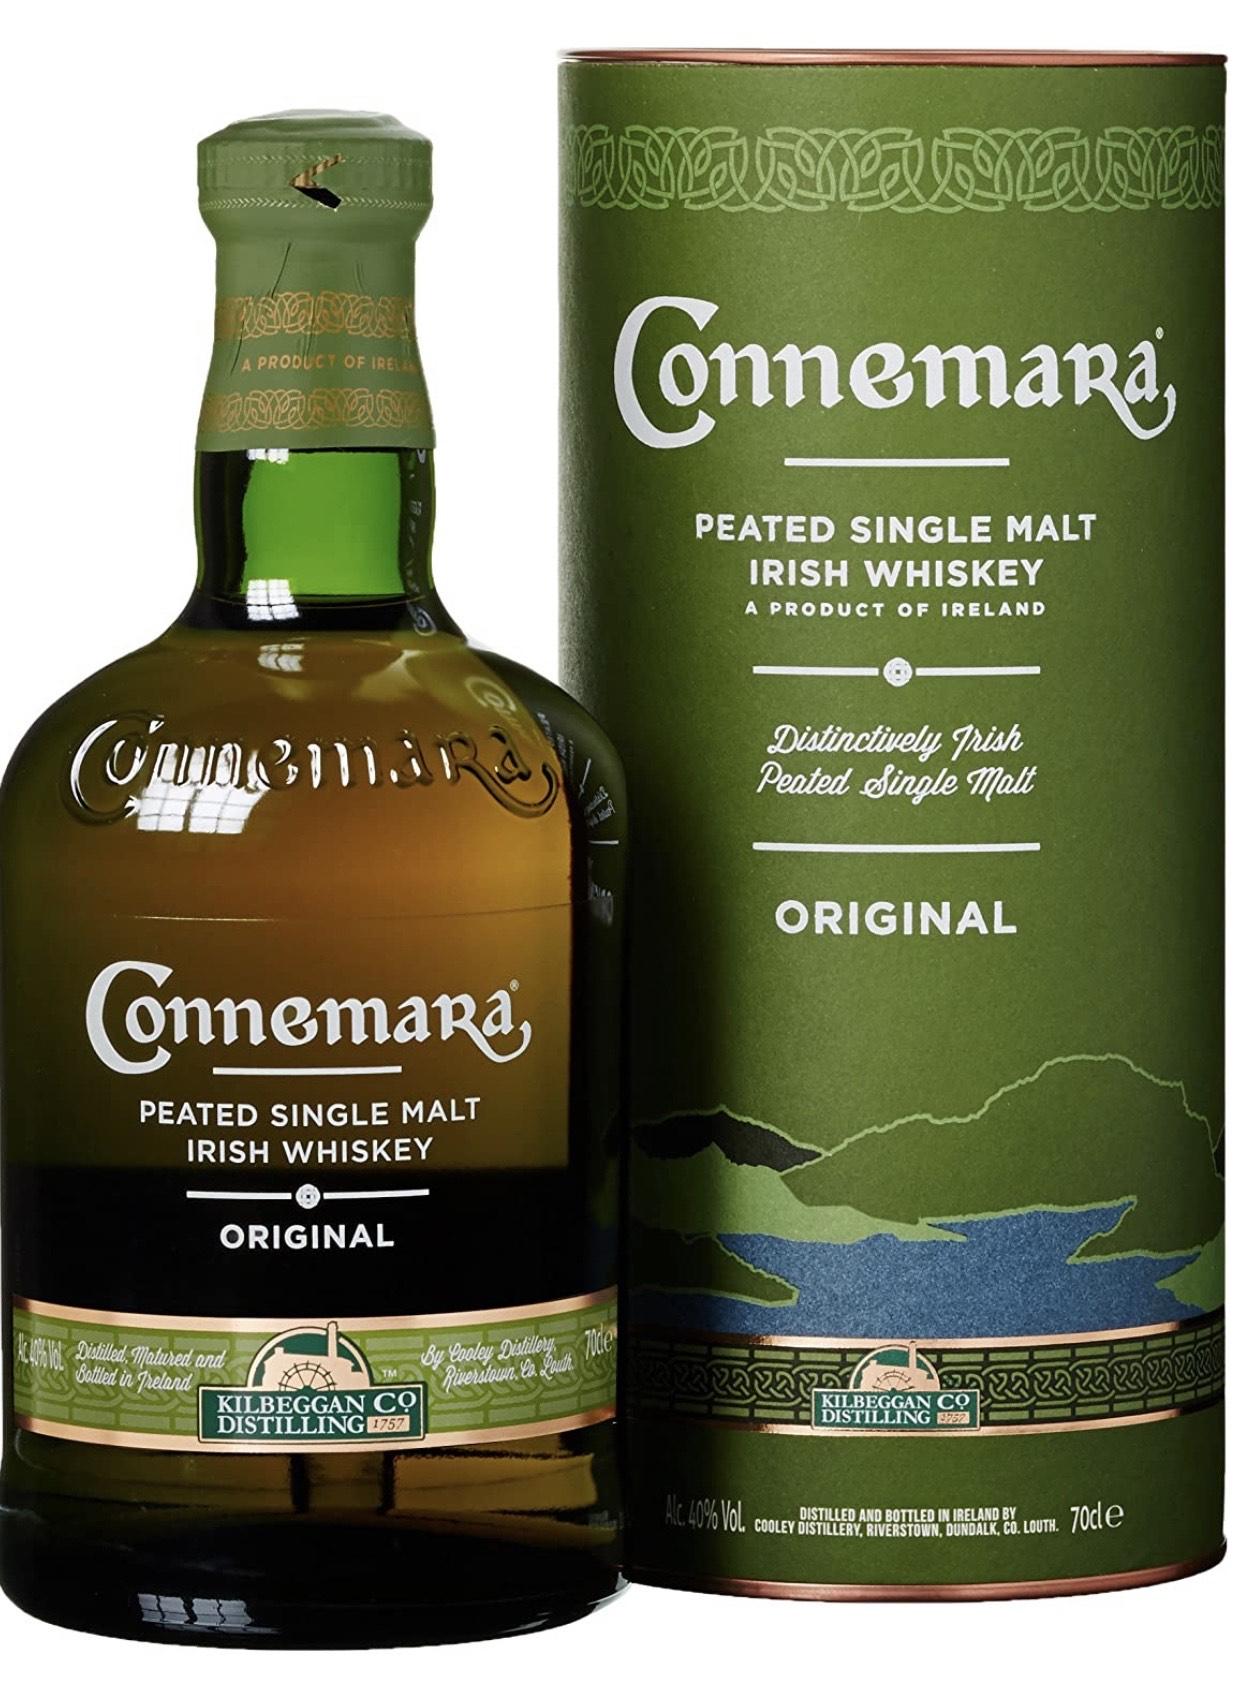 Connemara, peated single malt Irish whisky